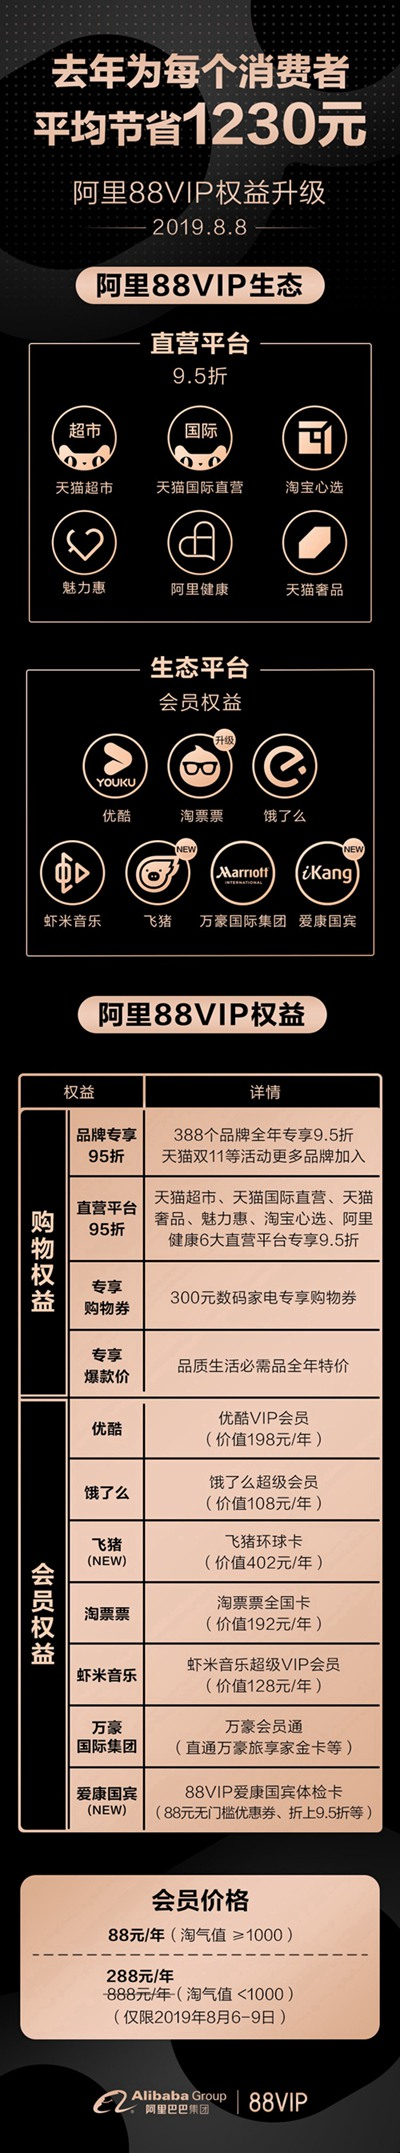 阿里88VIP权益